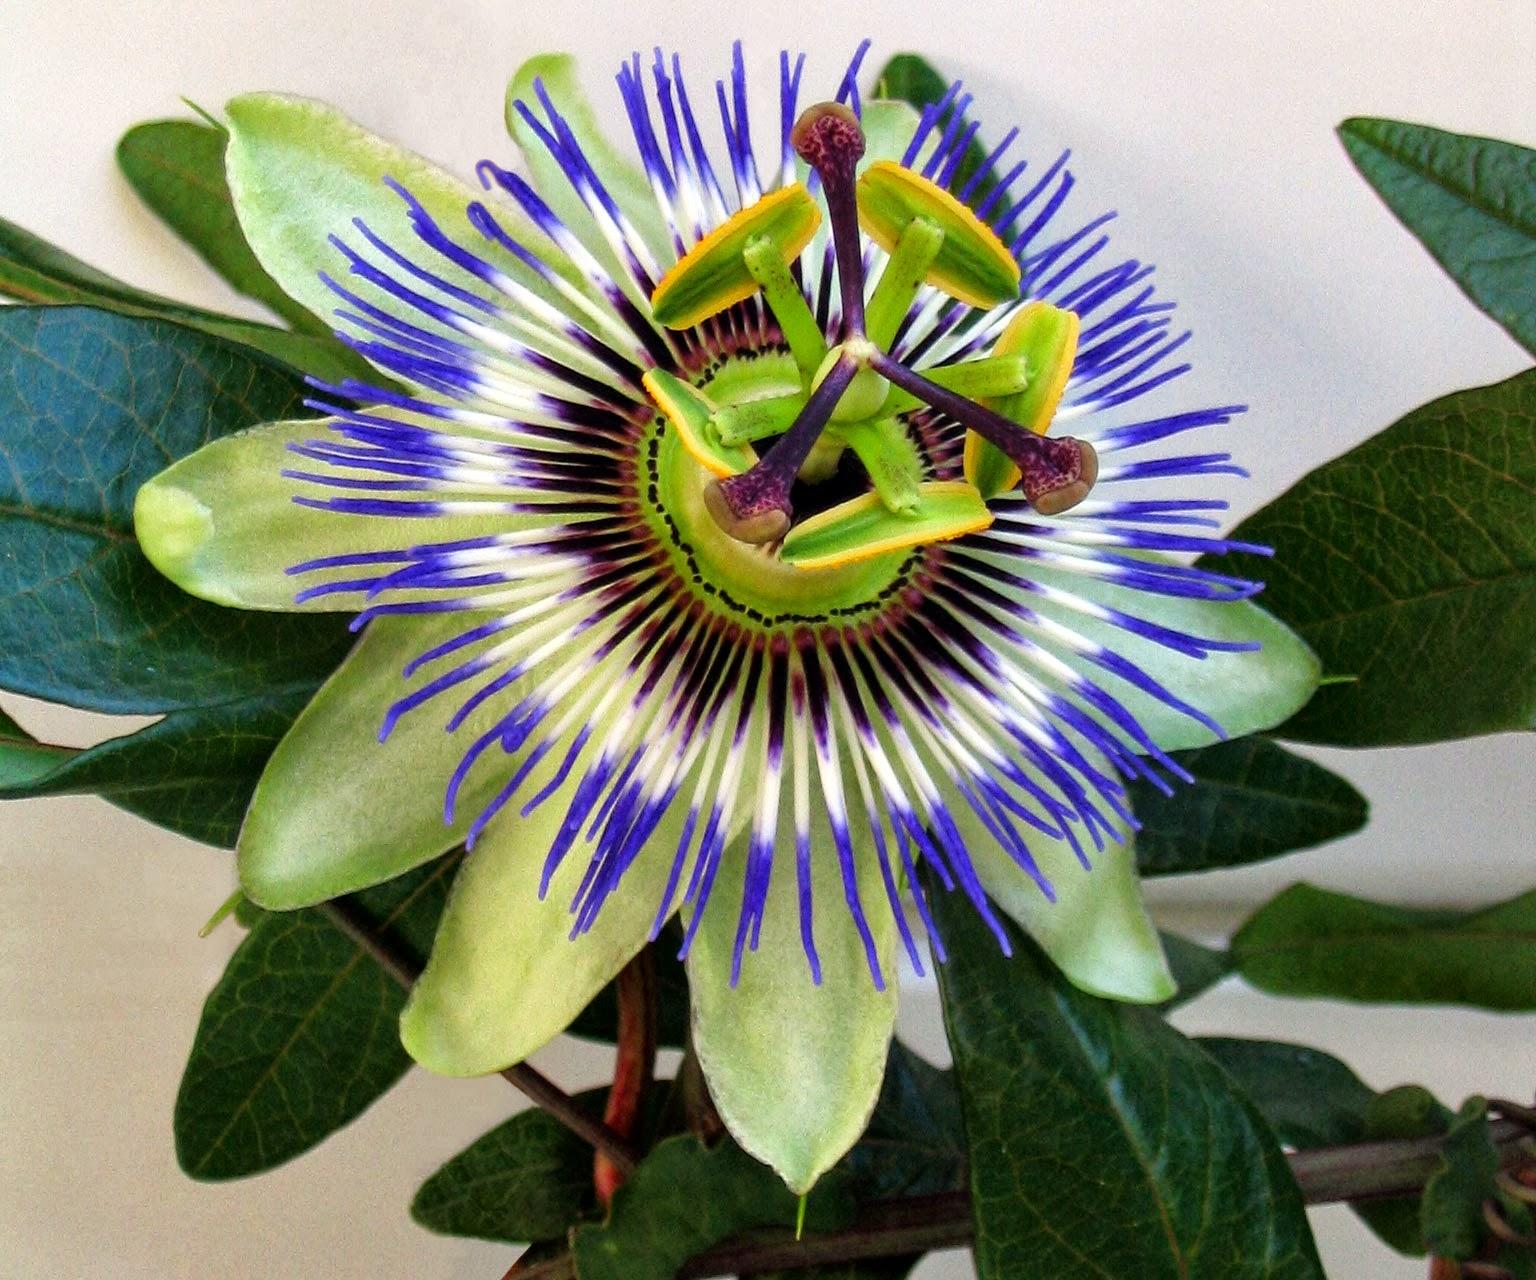 passiflora passiflora caerulea rampicanti passiflora fiore della passione. Black Bedroom Furniture Sets. Home Design Ideas